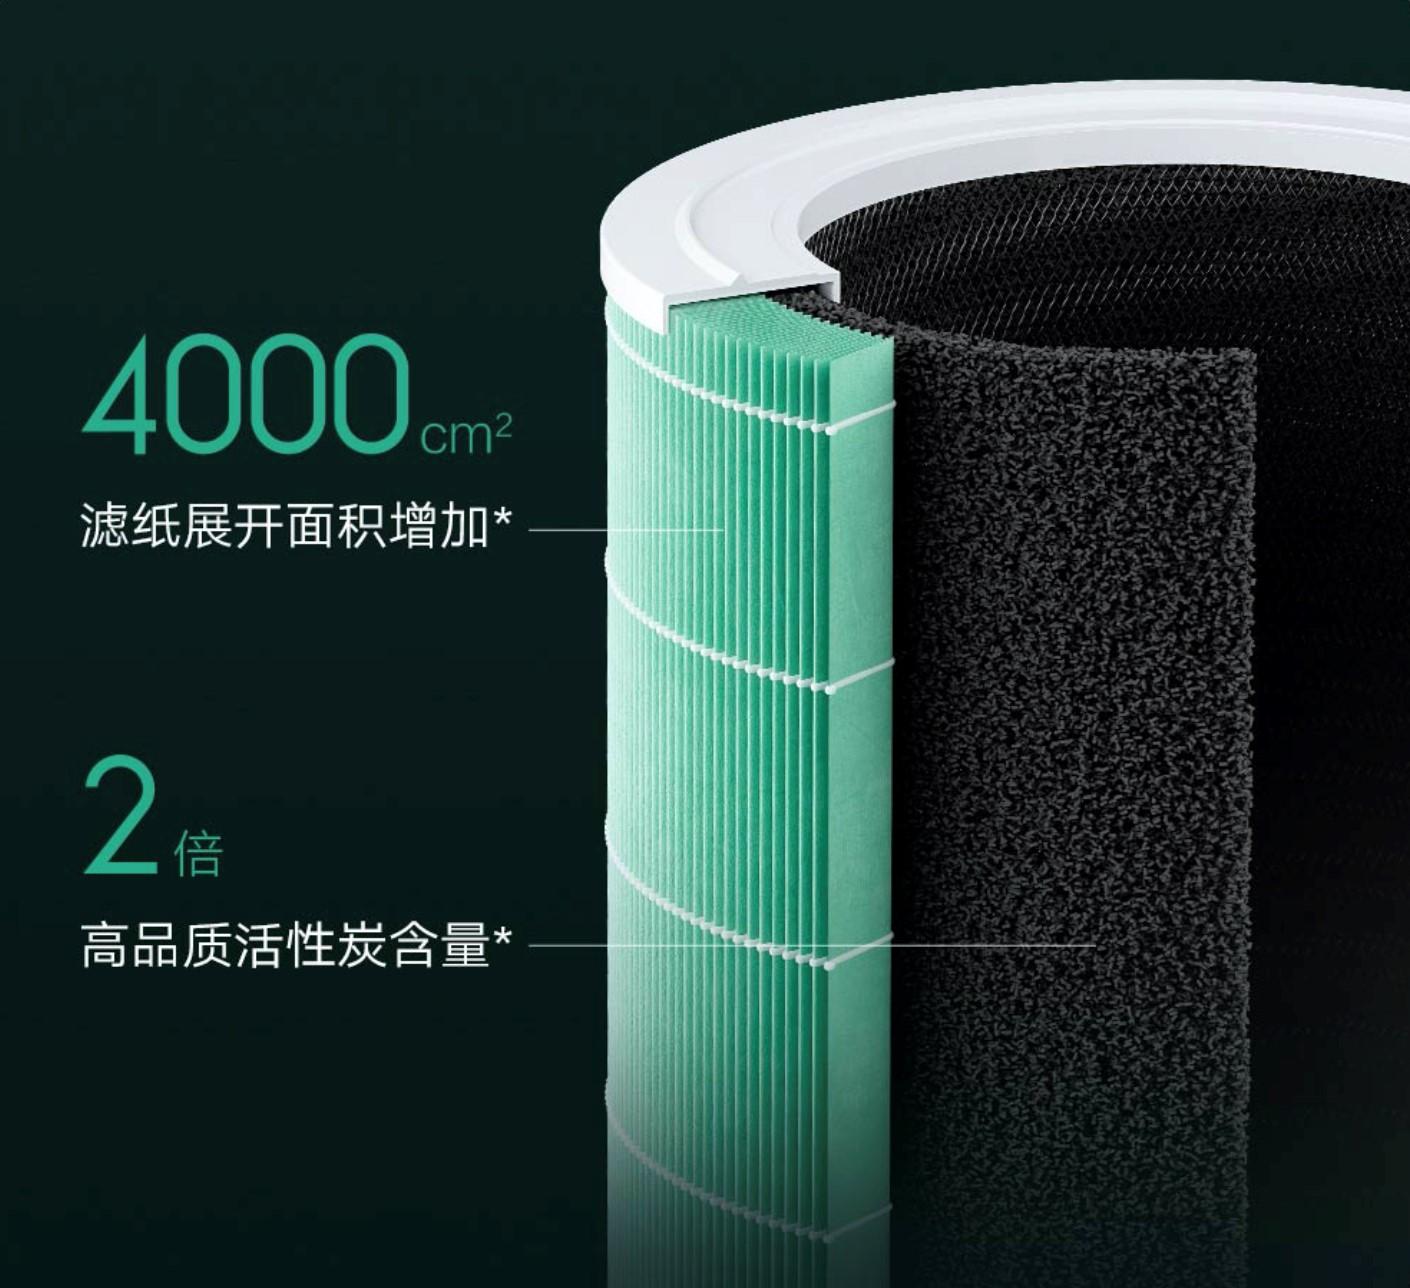 小米米家空气净化器4 Pro发布:除菌能力大提升